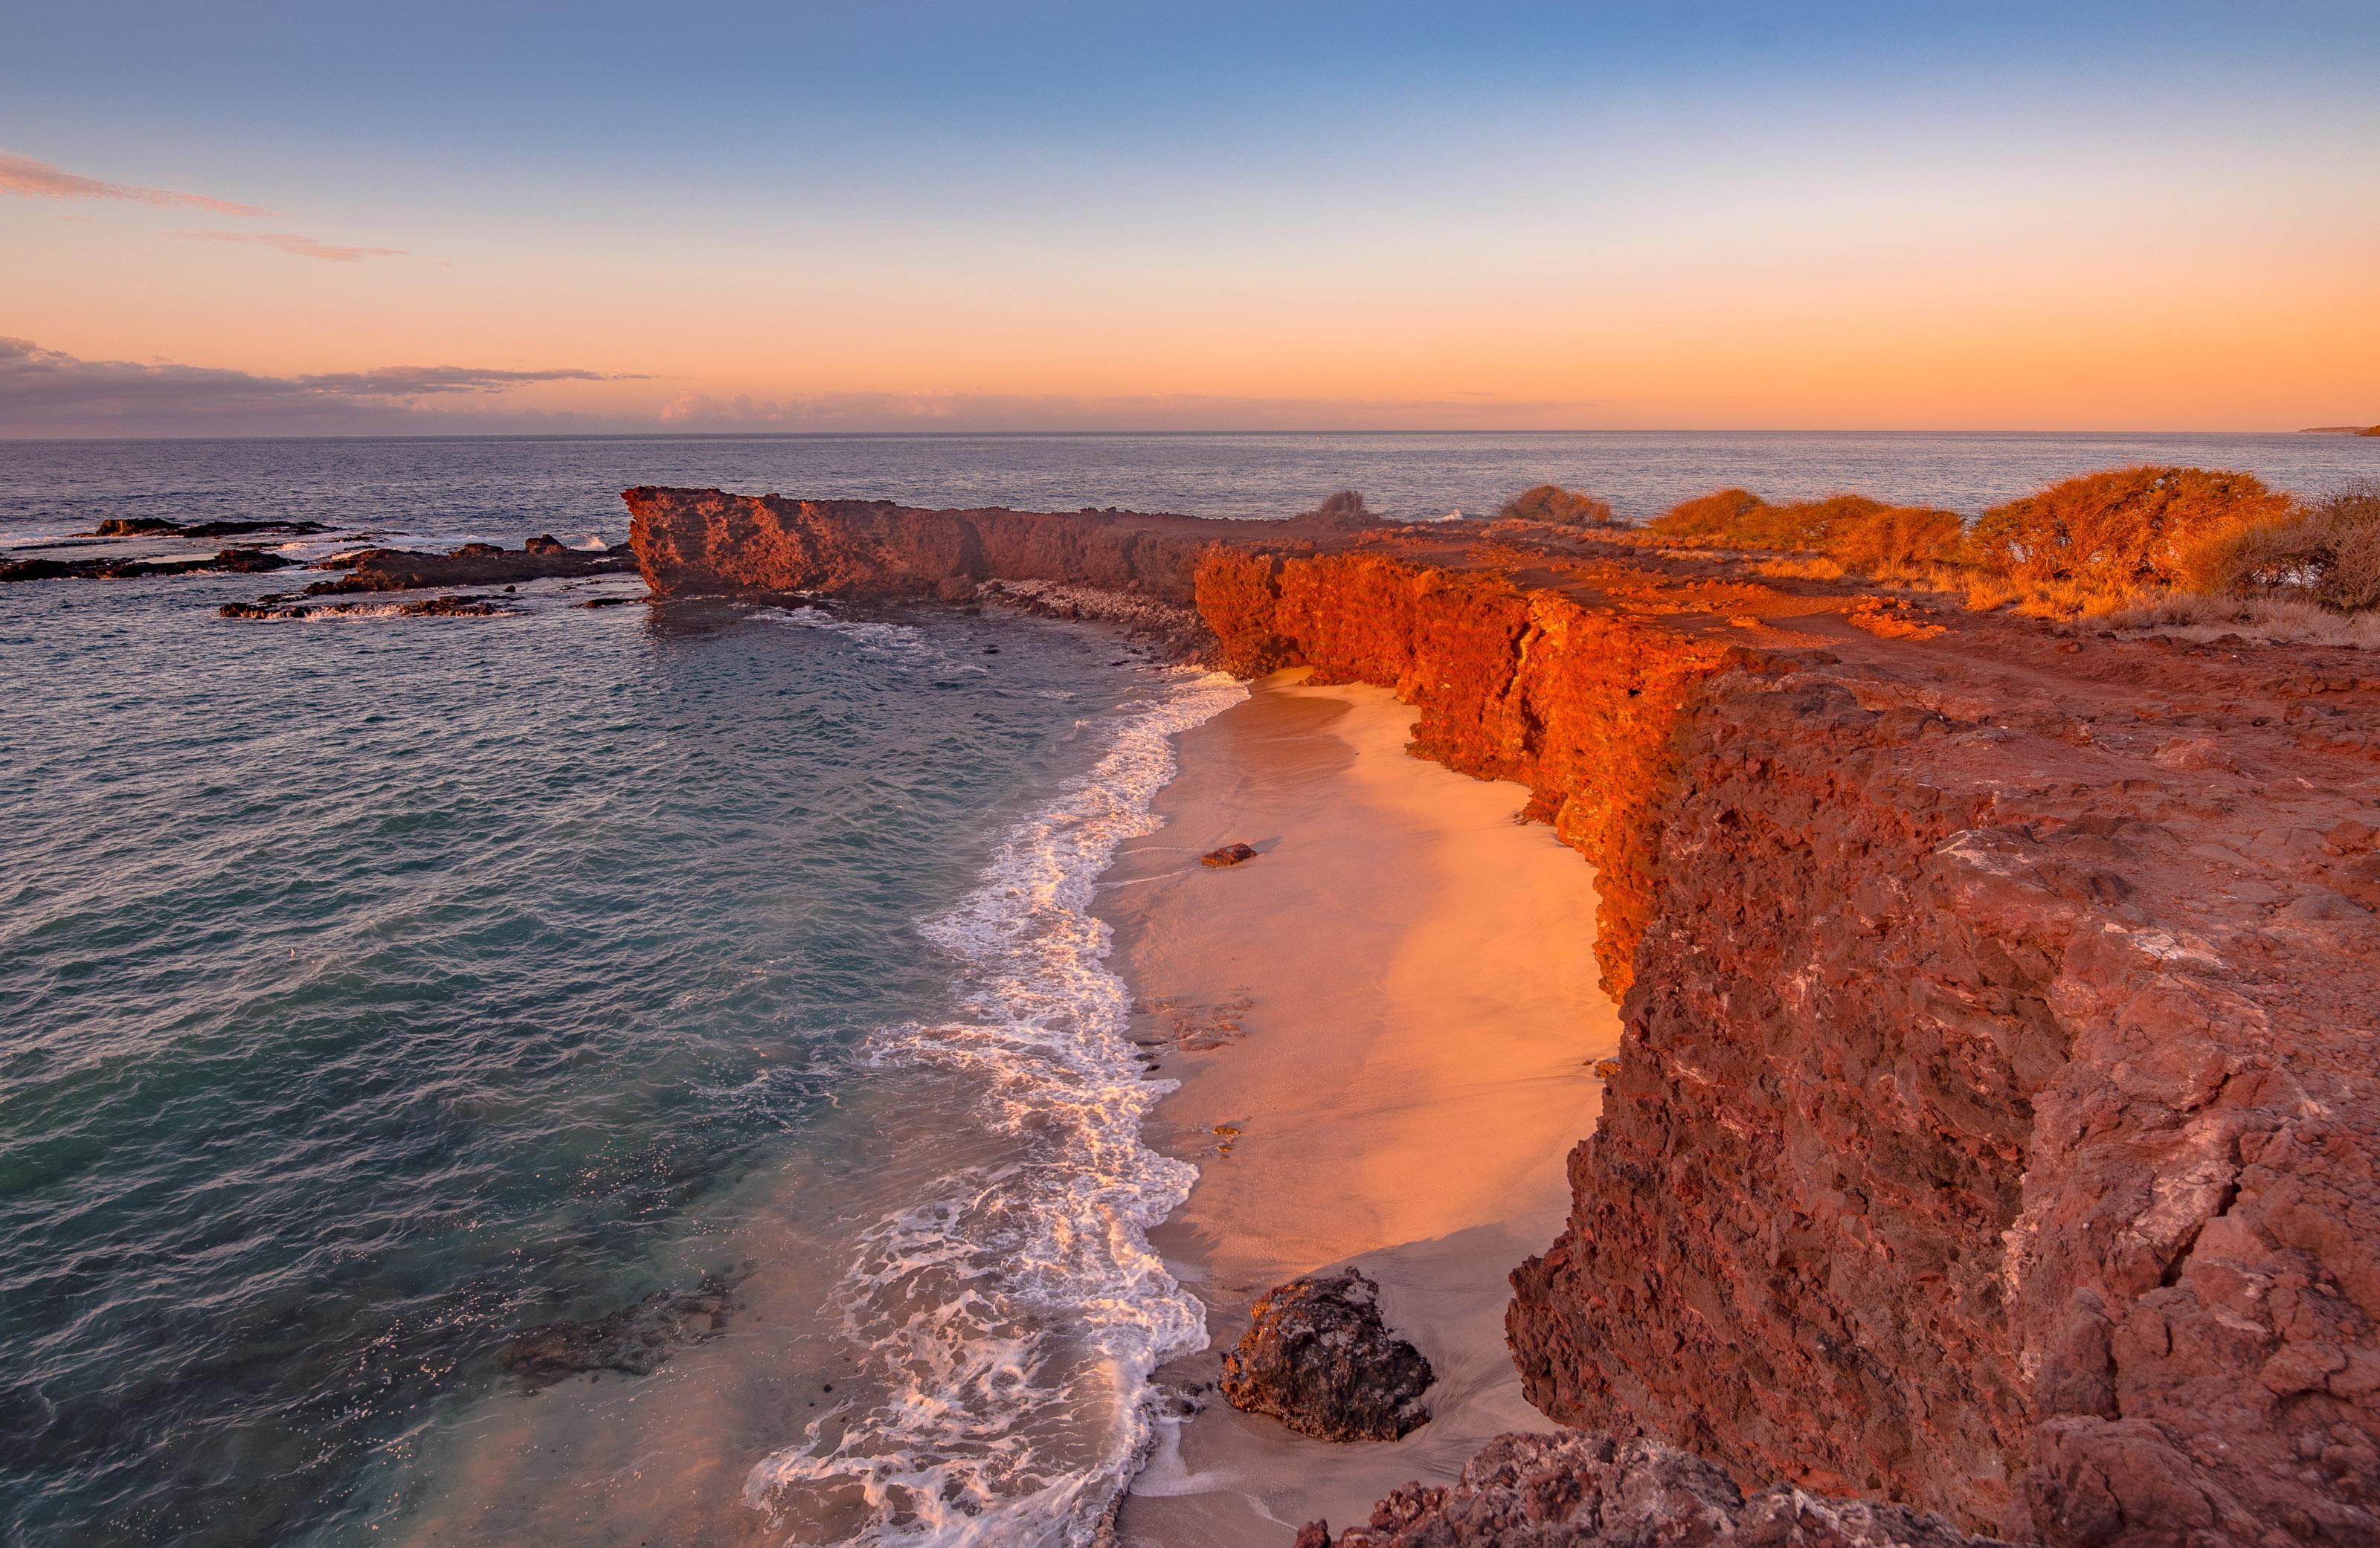 Манеле, Хаваи - население 29 души. Тук се сбъдва мечтата ви за безлюден тропически остро. Той е най-населената дестинация от списъка, но си заслужава, заради спиращата дъха гледка към плажа.